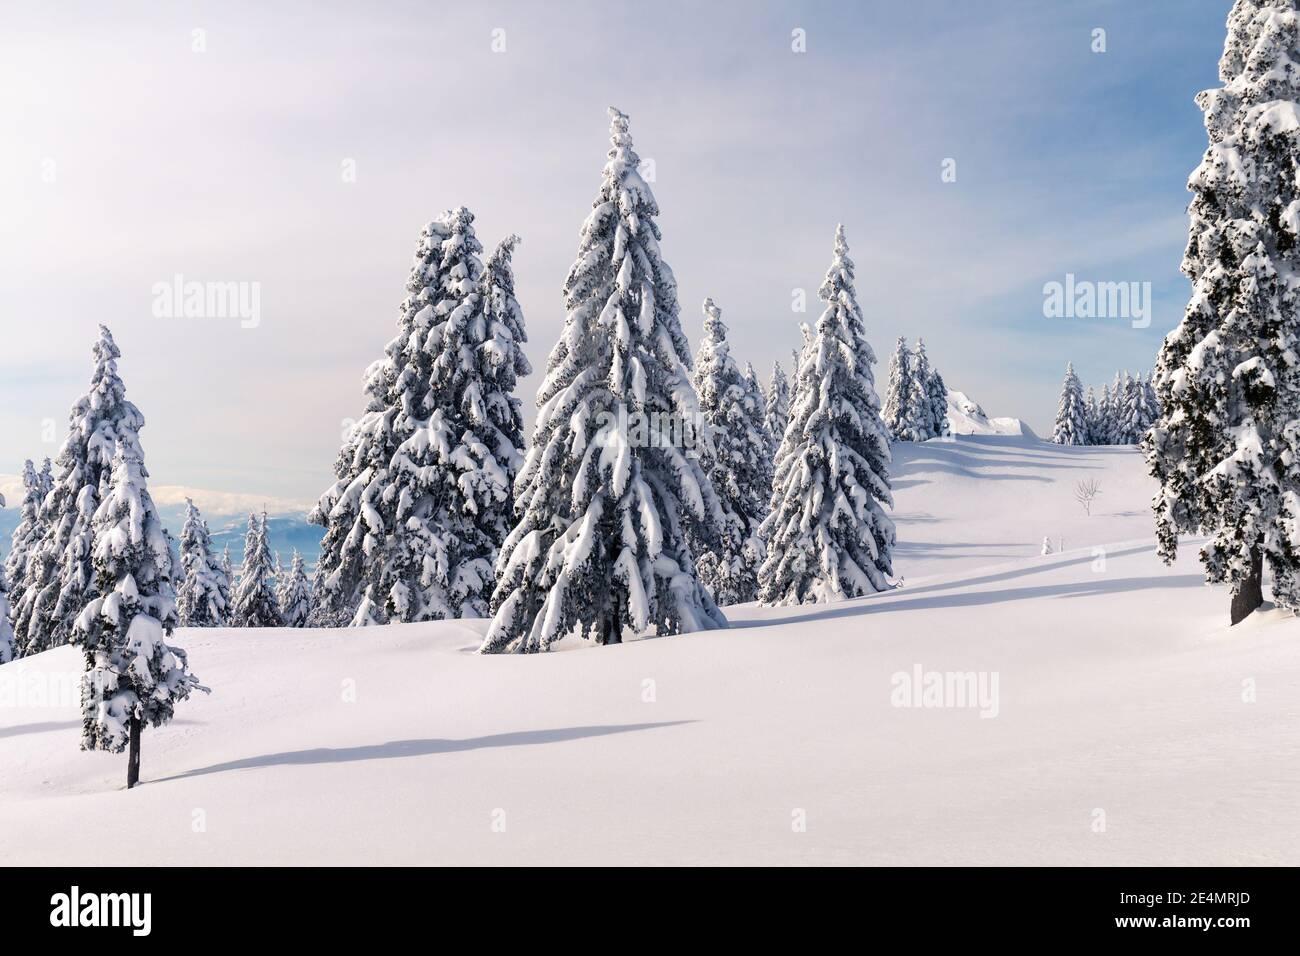 Paysage d'hiver avec des pins enneigés dans les montagnes. Ciel bleu clair avec lumière du soleil. Banque D'Images